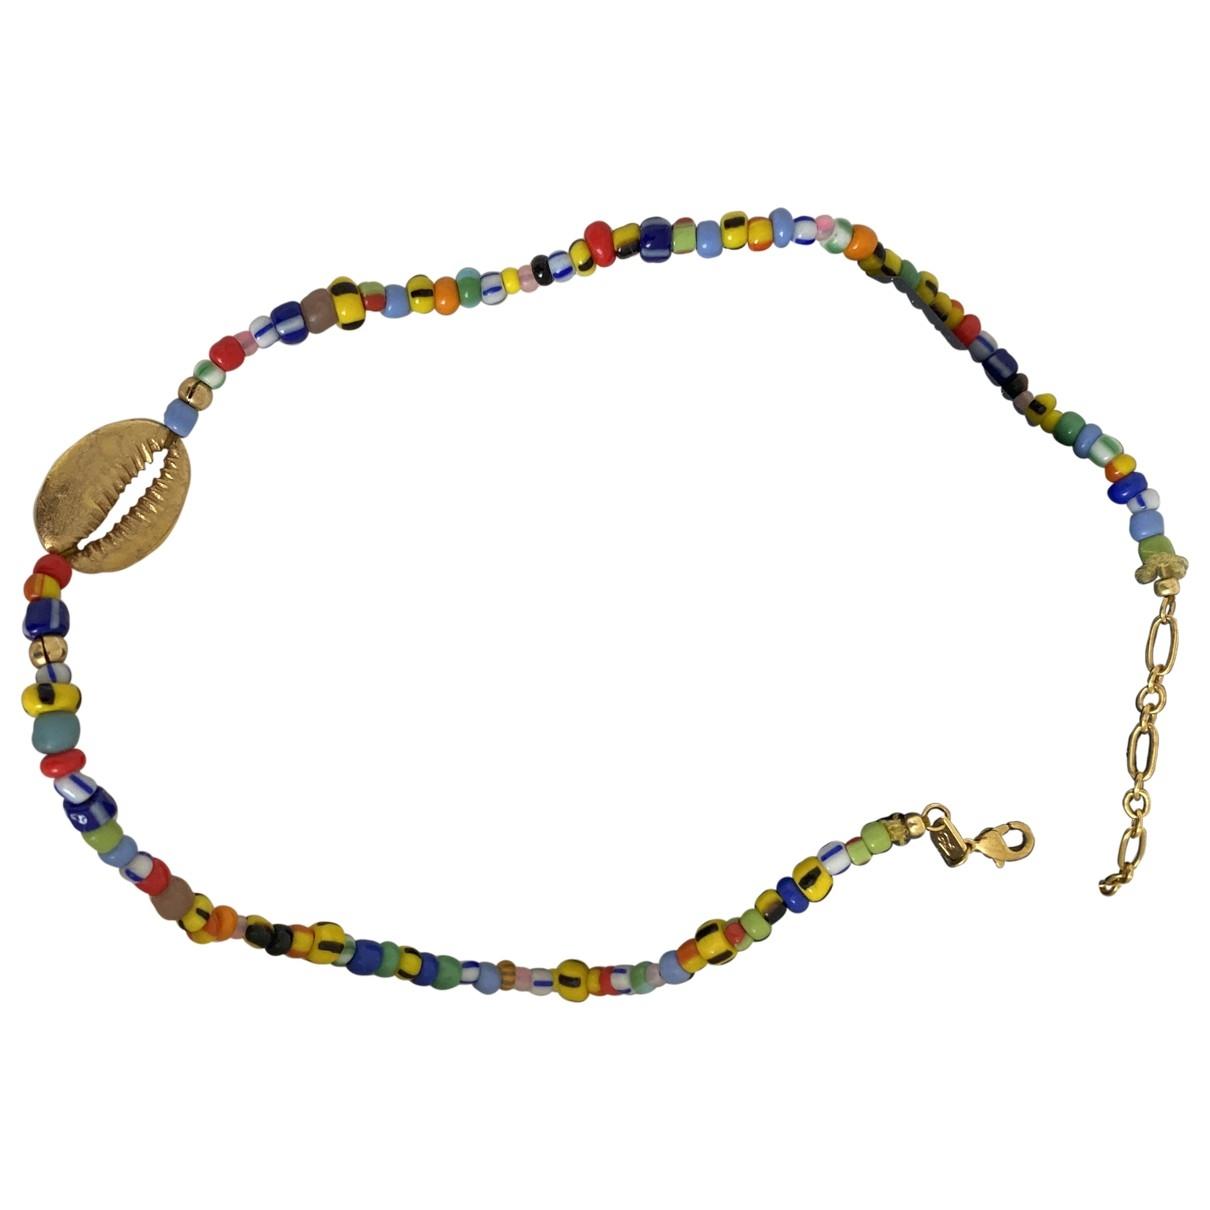 Anni Lu - Collier   pour femme en plaque or - multicolore